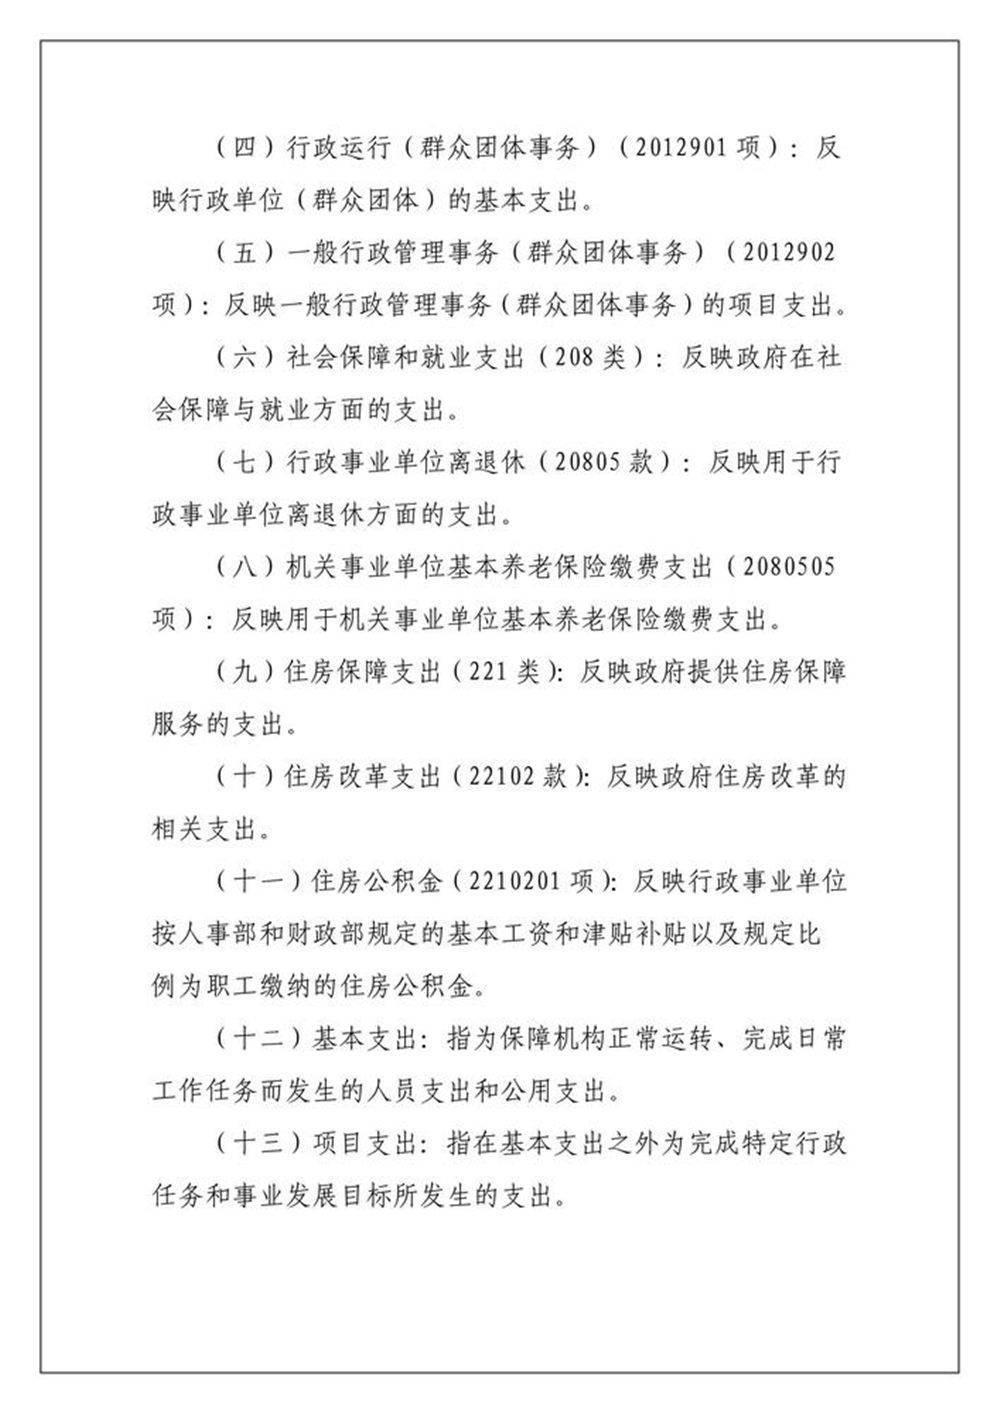 仙桃市总工会2018年部门预算